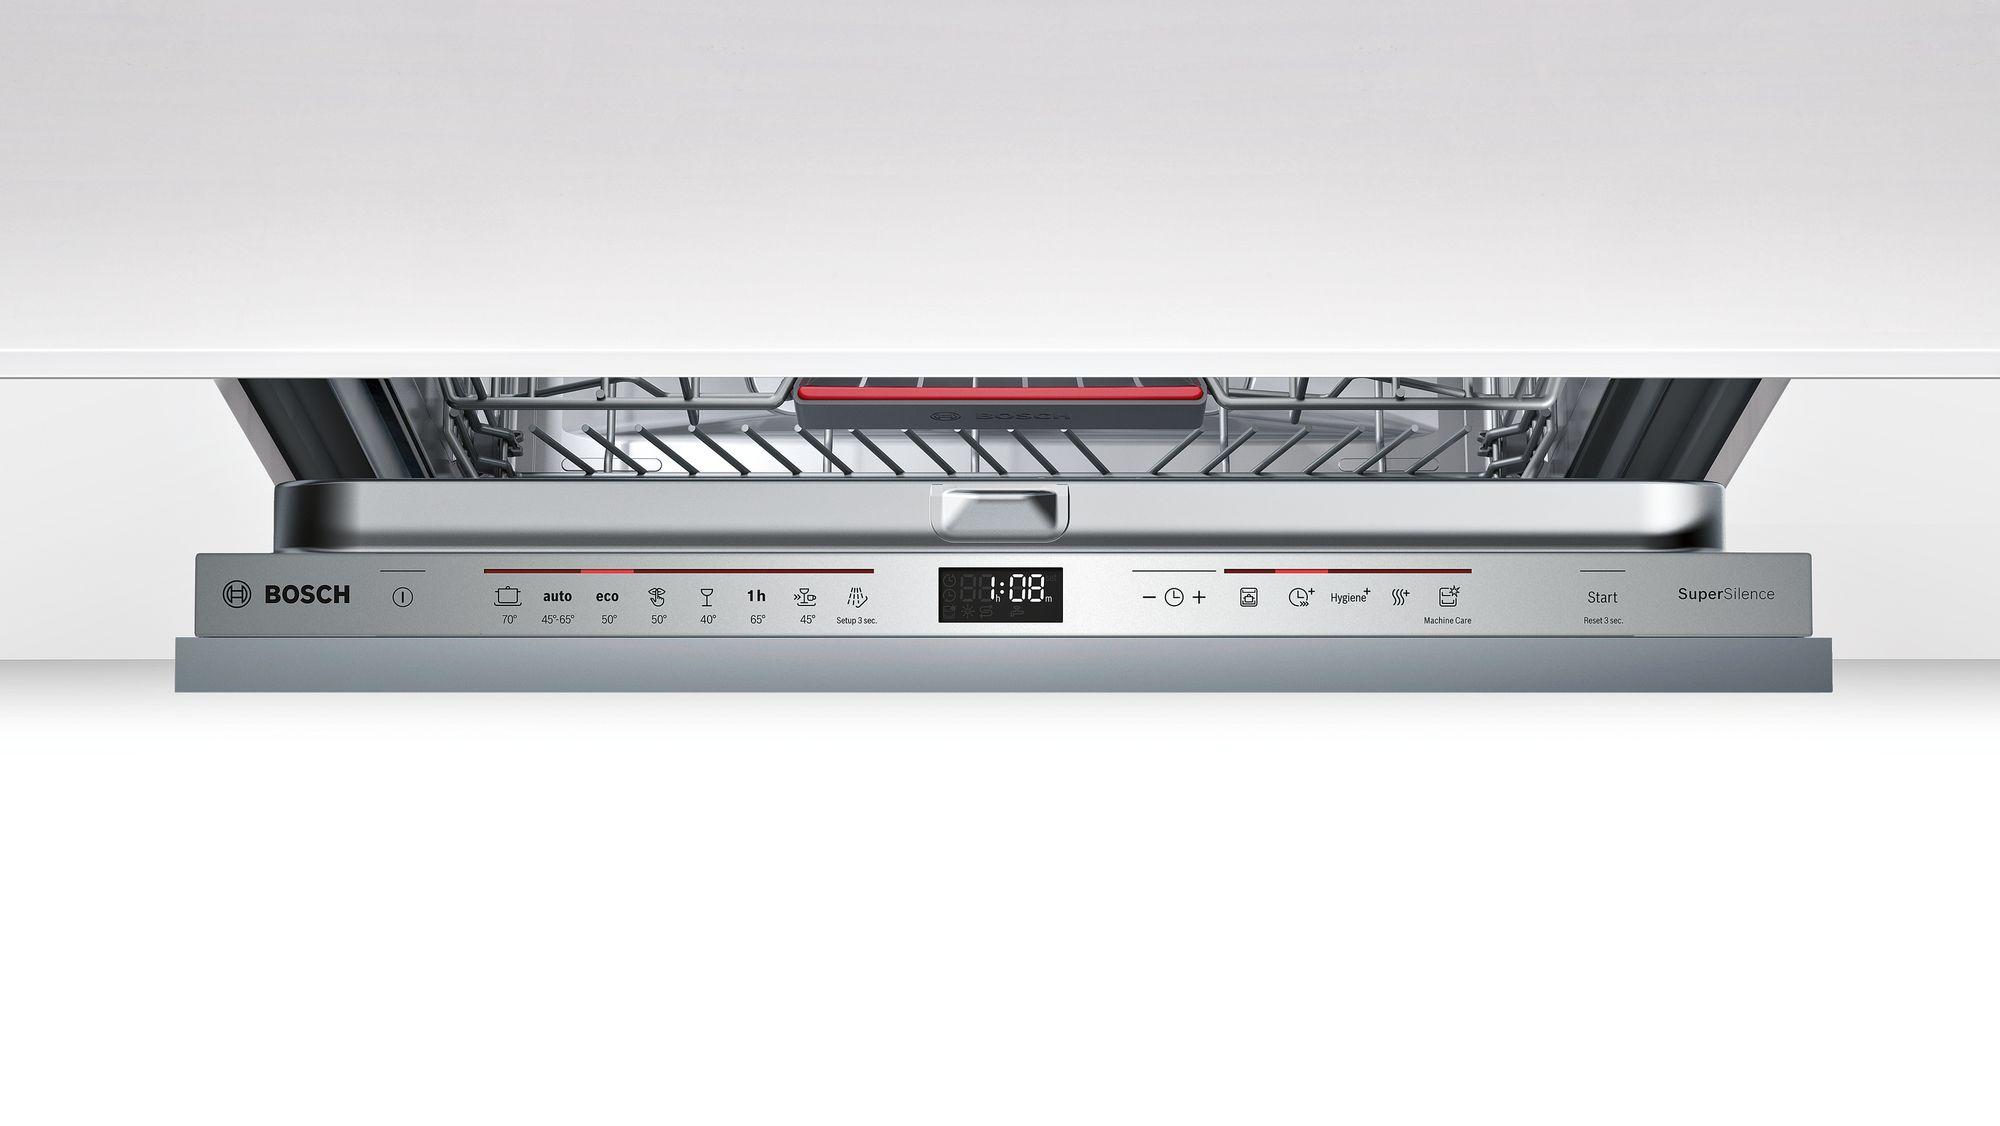 Serie | 6 SuperSilence mašina za pranje sudova, 60 cm Potpuno ugradni sa OpenAssist